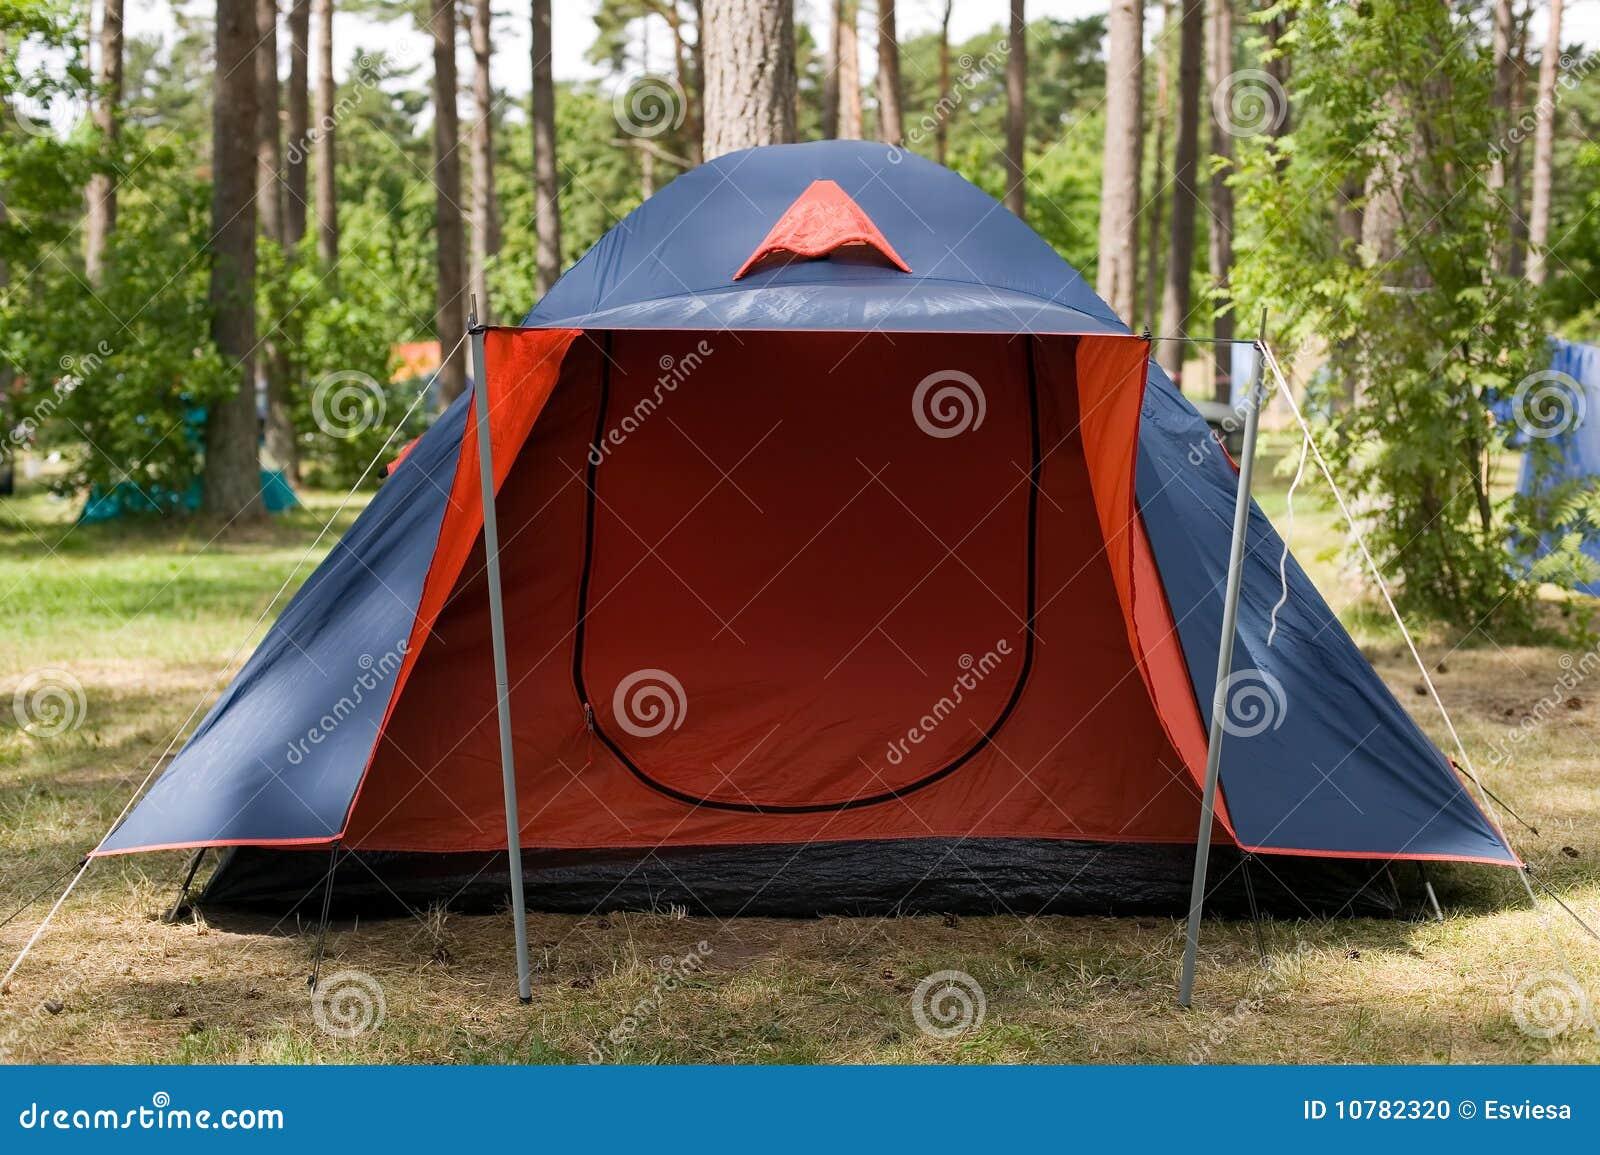 Blauwe tent met rode ingang